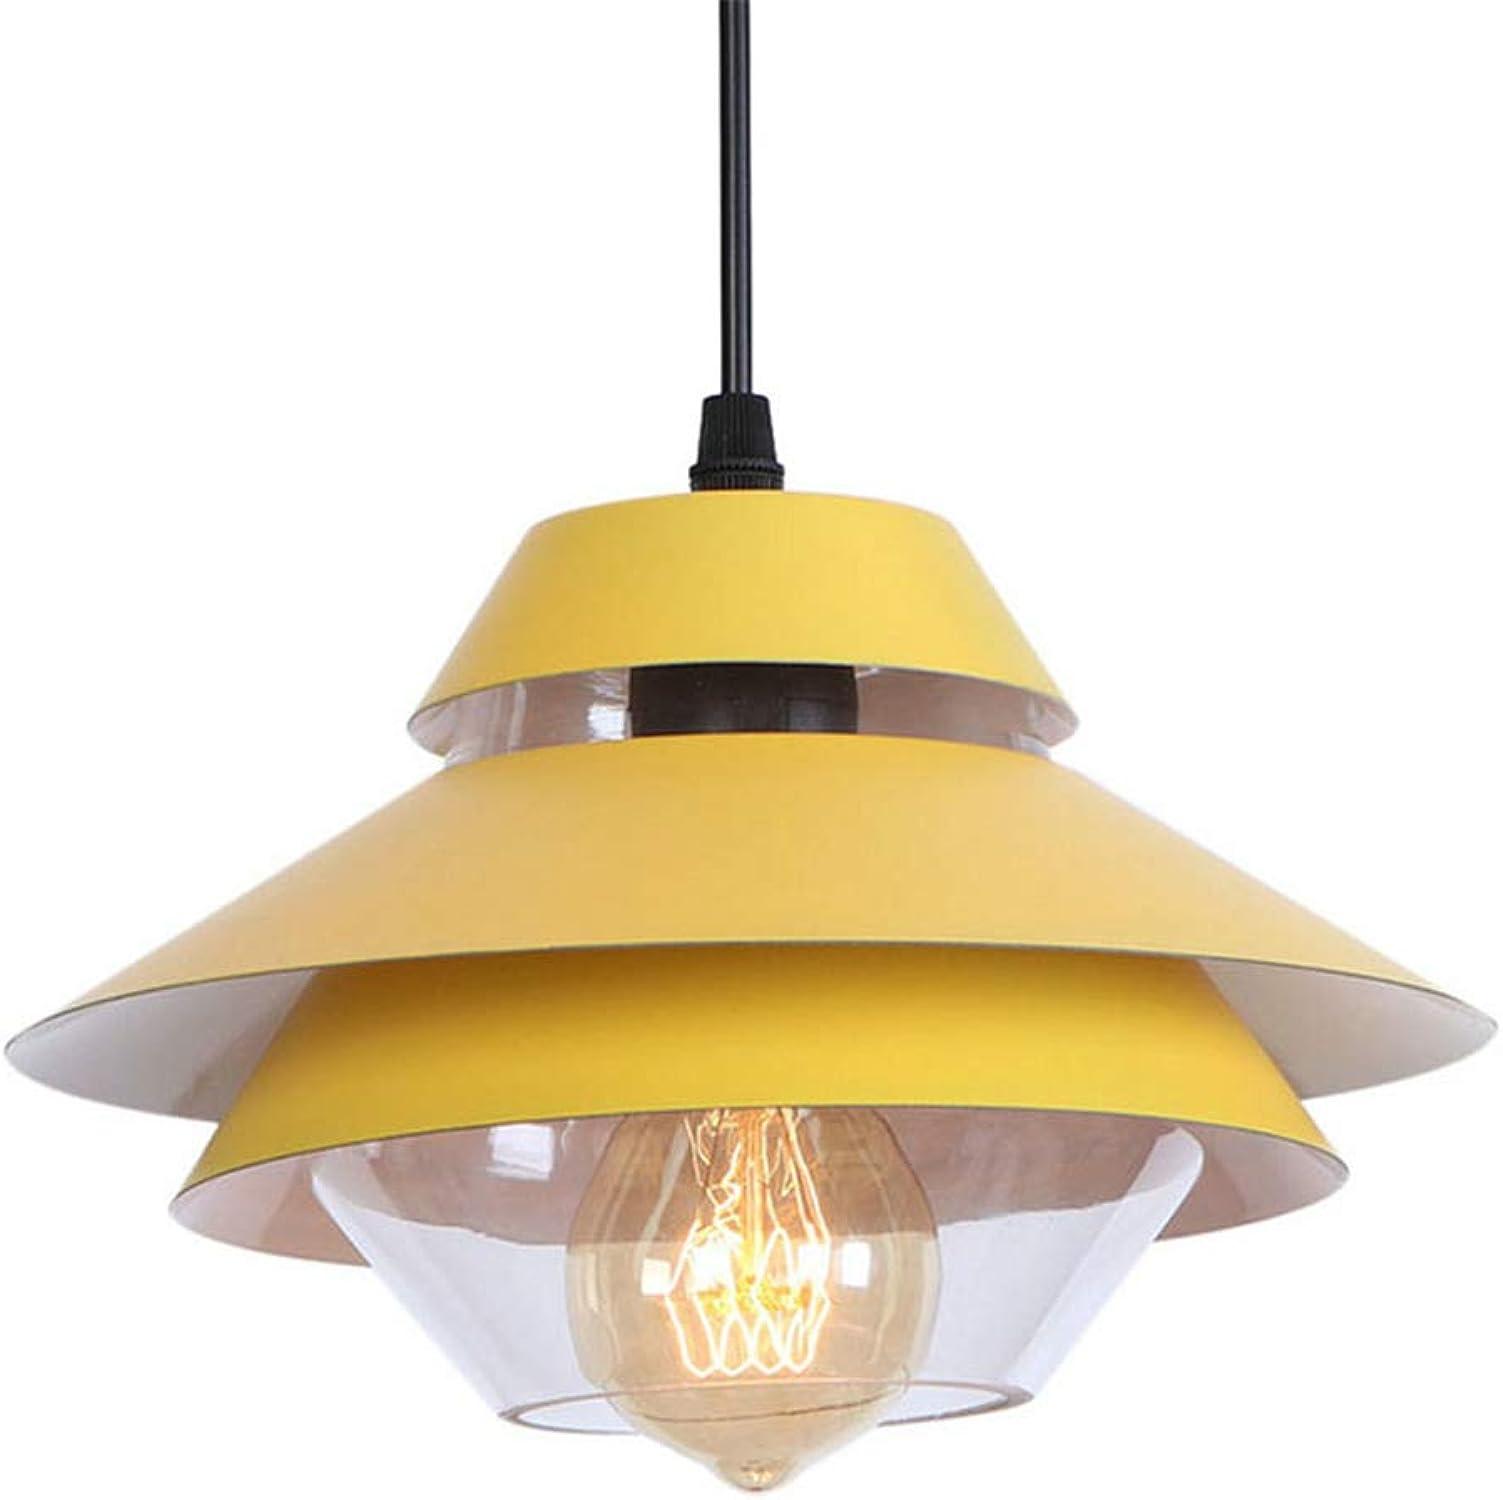 Moderne Zceillamp Suspendus Bar décoration,jaune de Lampe